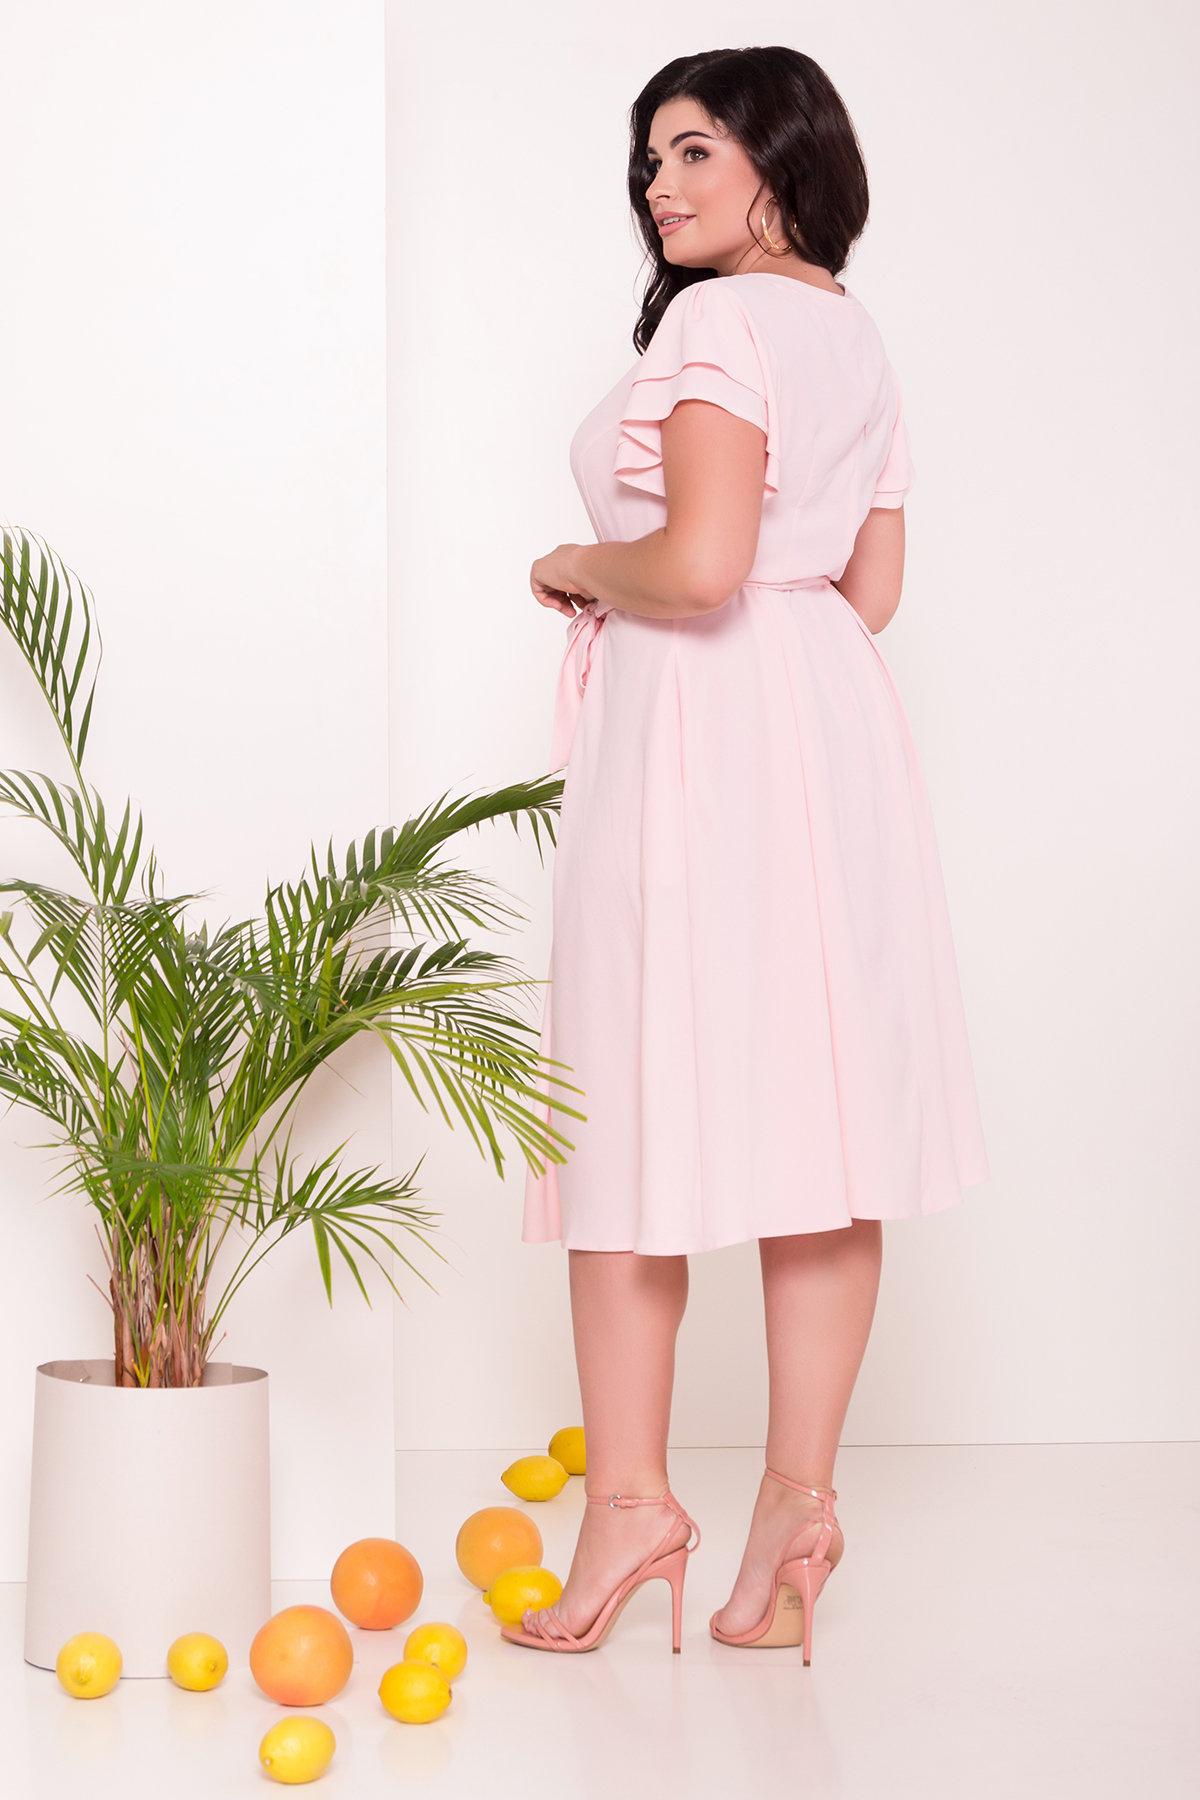 Платье Аделиса DONNA 7355 АРТ. 43166 Цвет: Розовый Светлый - фото 2, интернет магазин tm-modus.ru